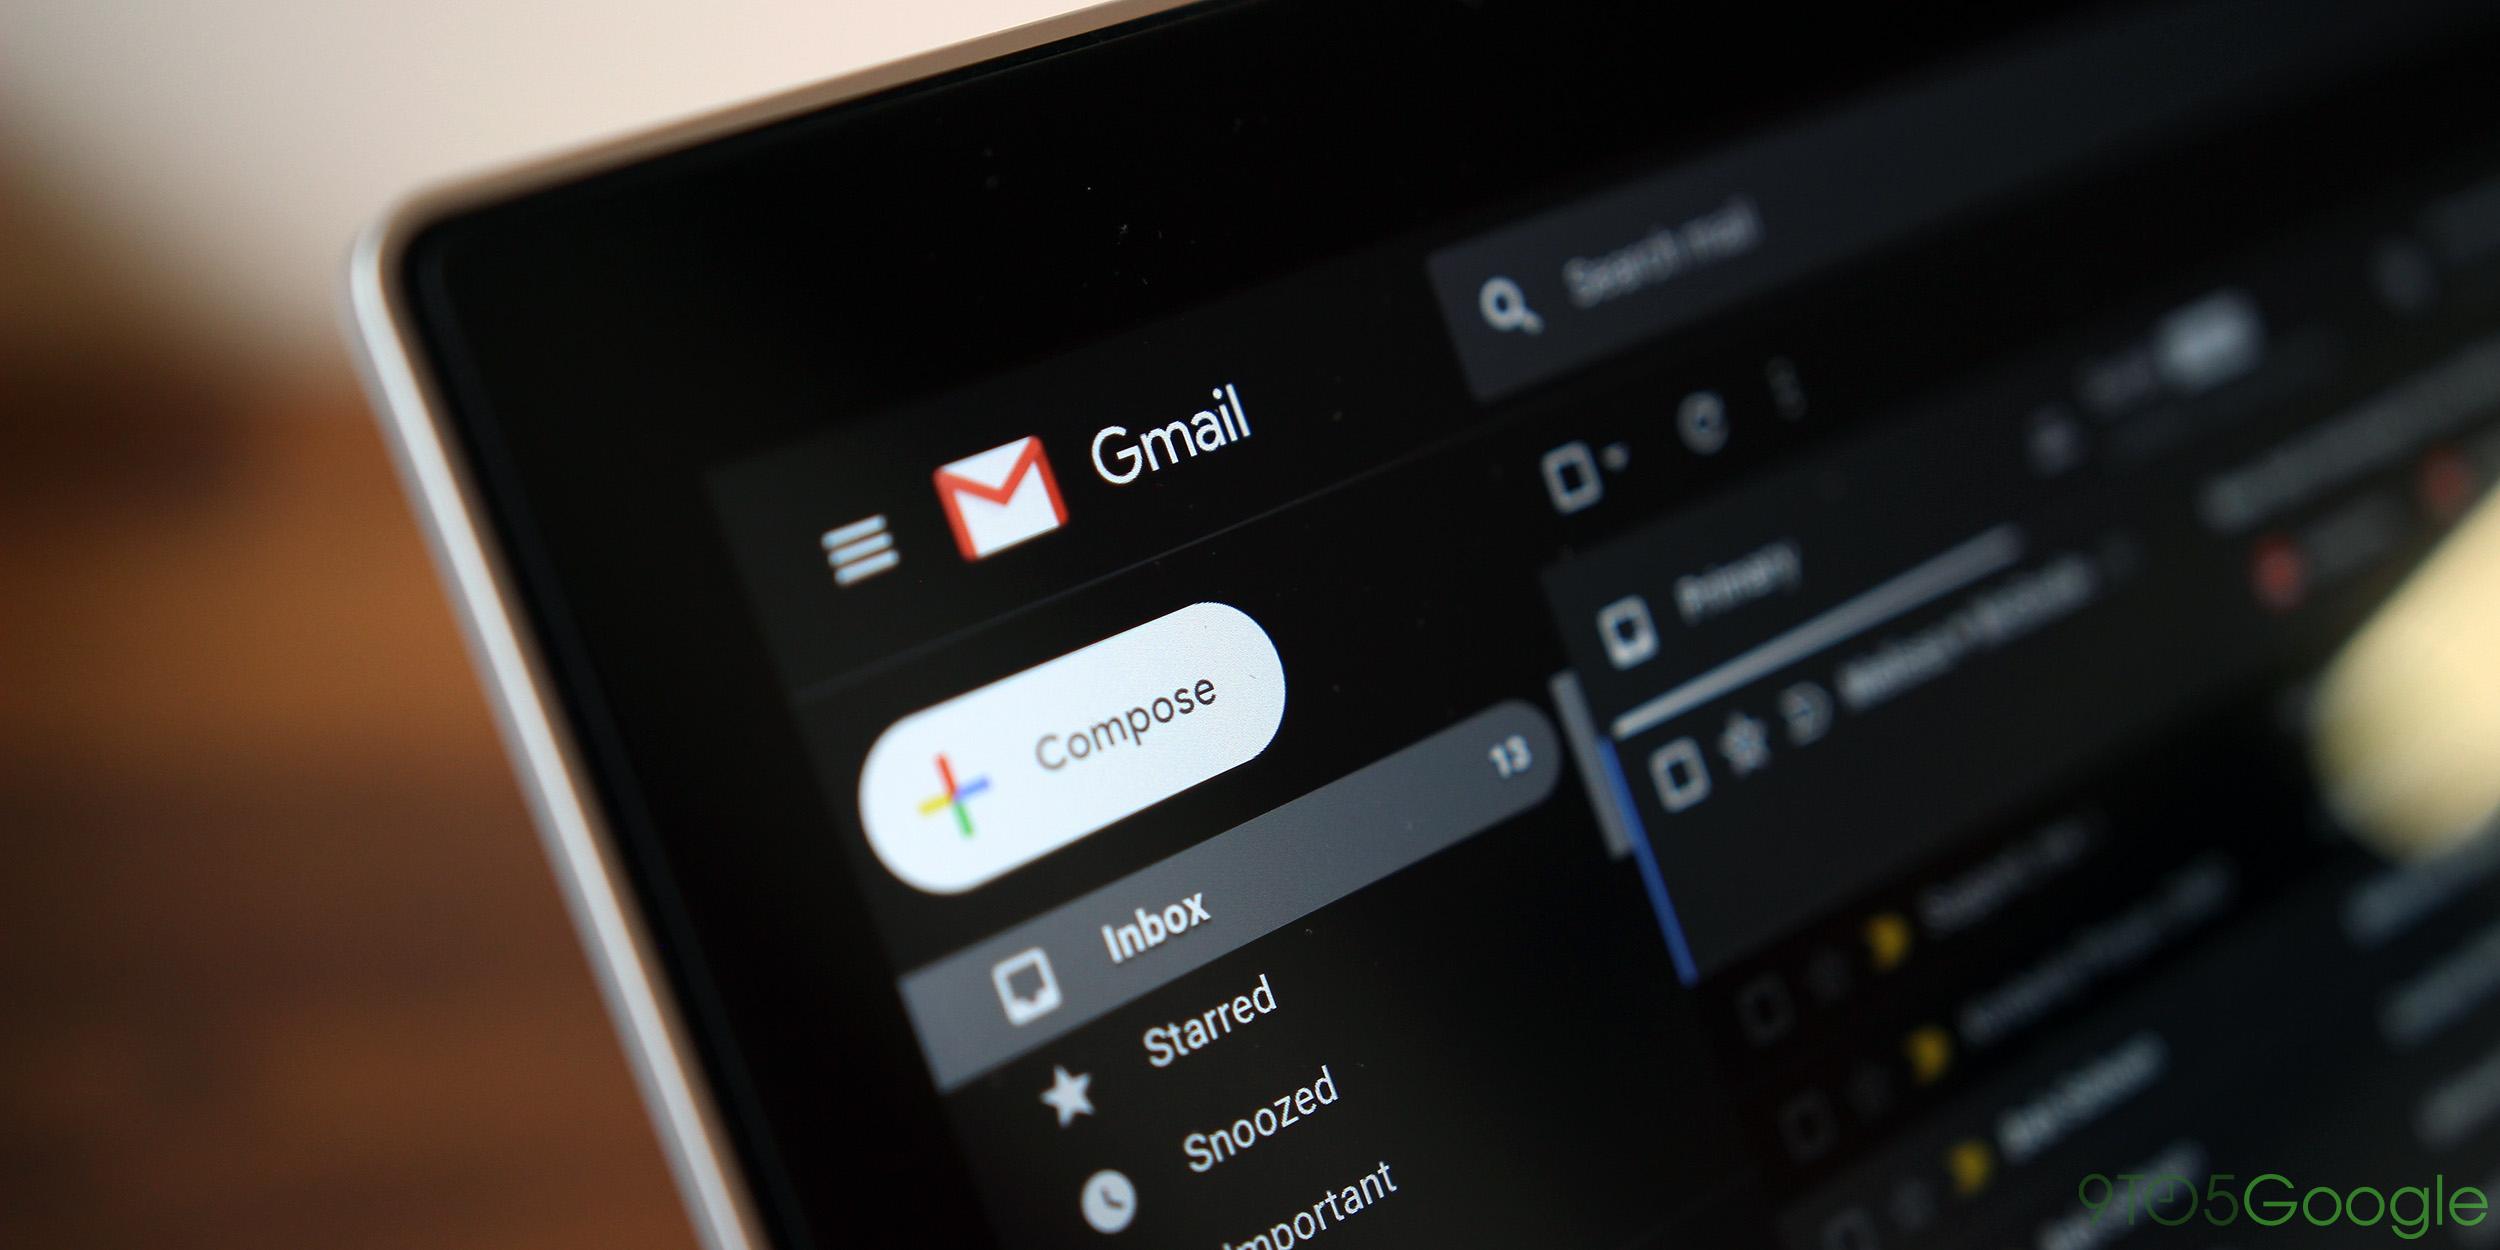 Posteingangsbenutzer, die an Google Mail gesendet werden, erkennen, dass sie das neue Google Mail